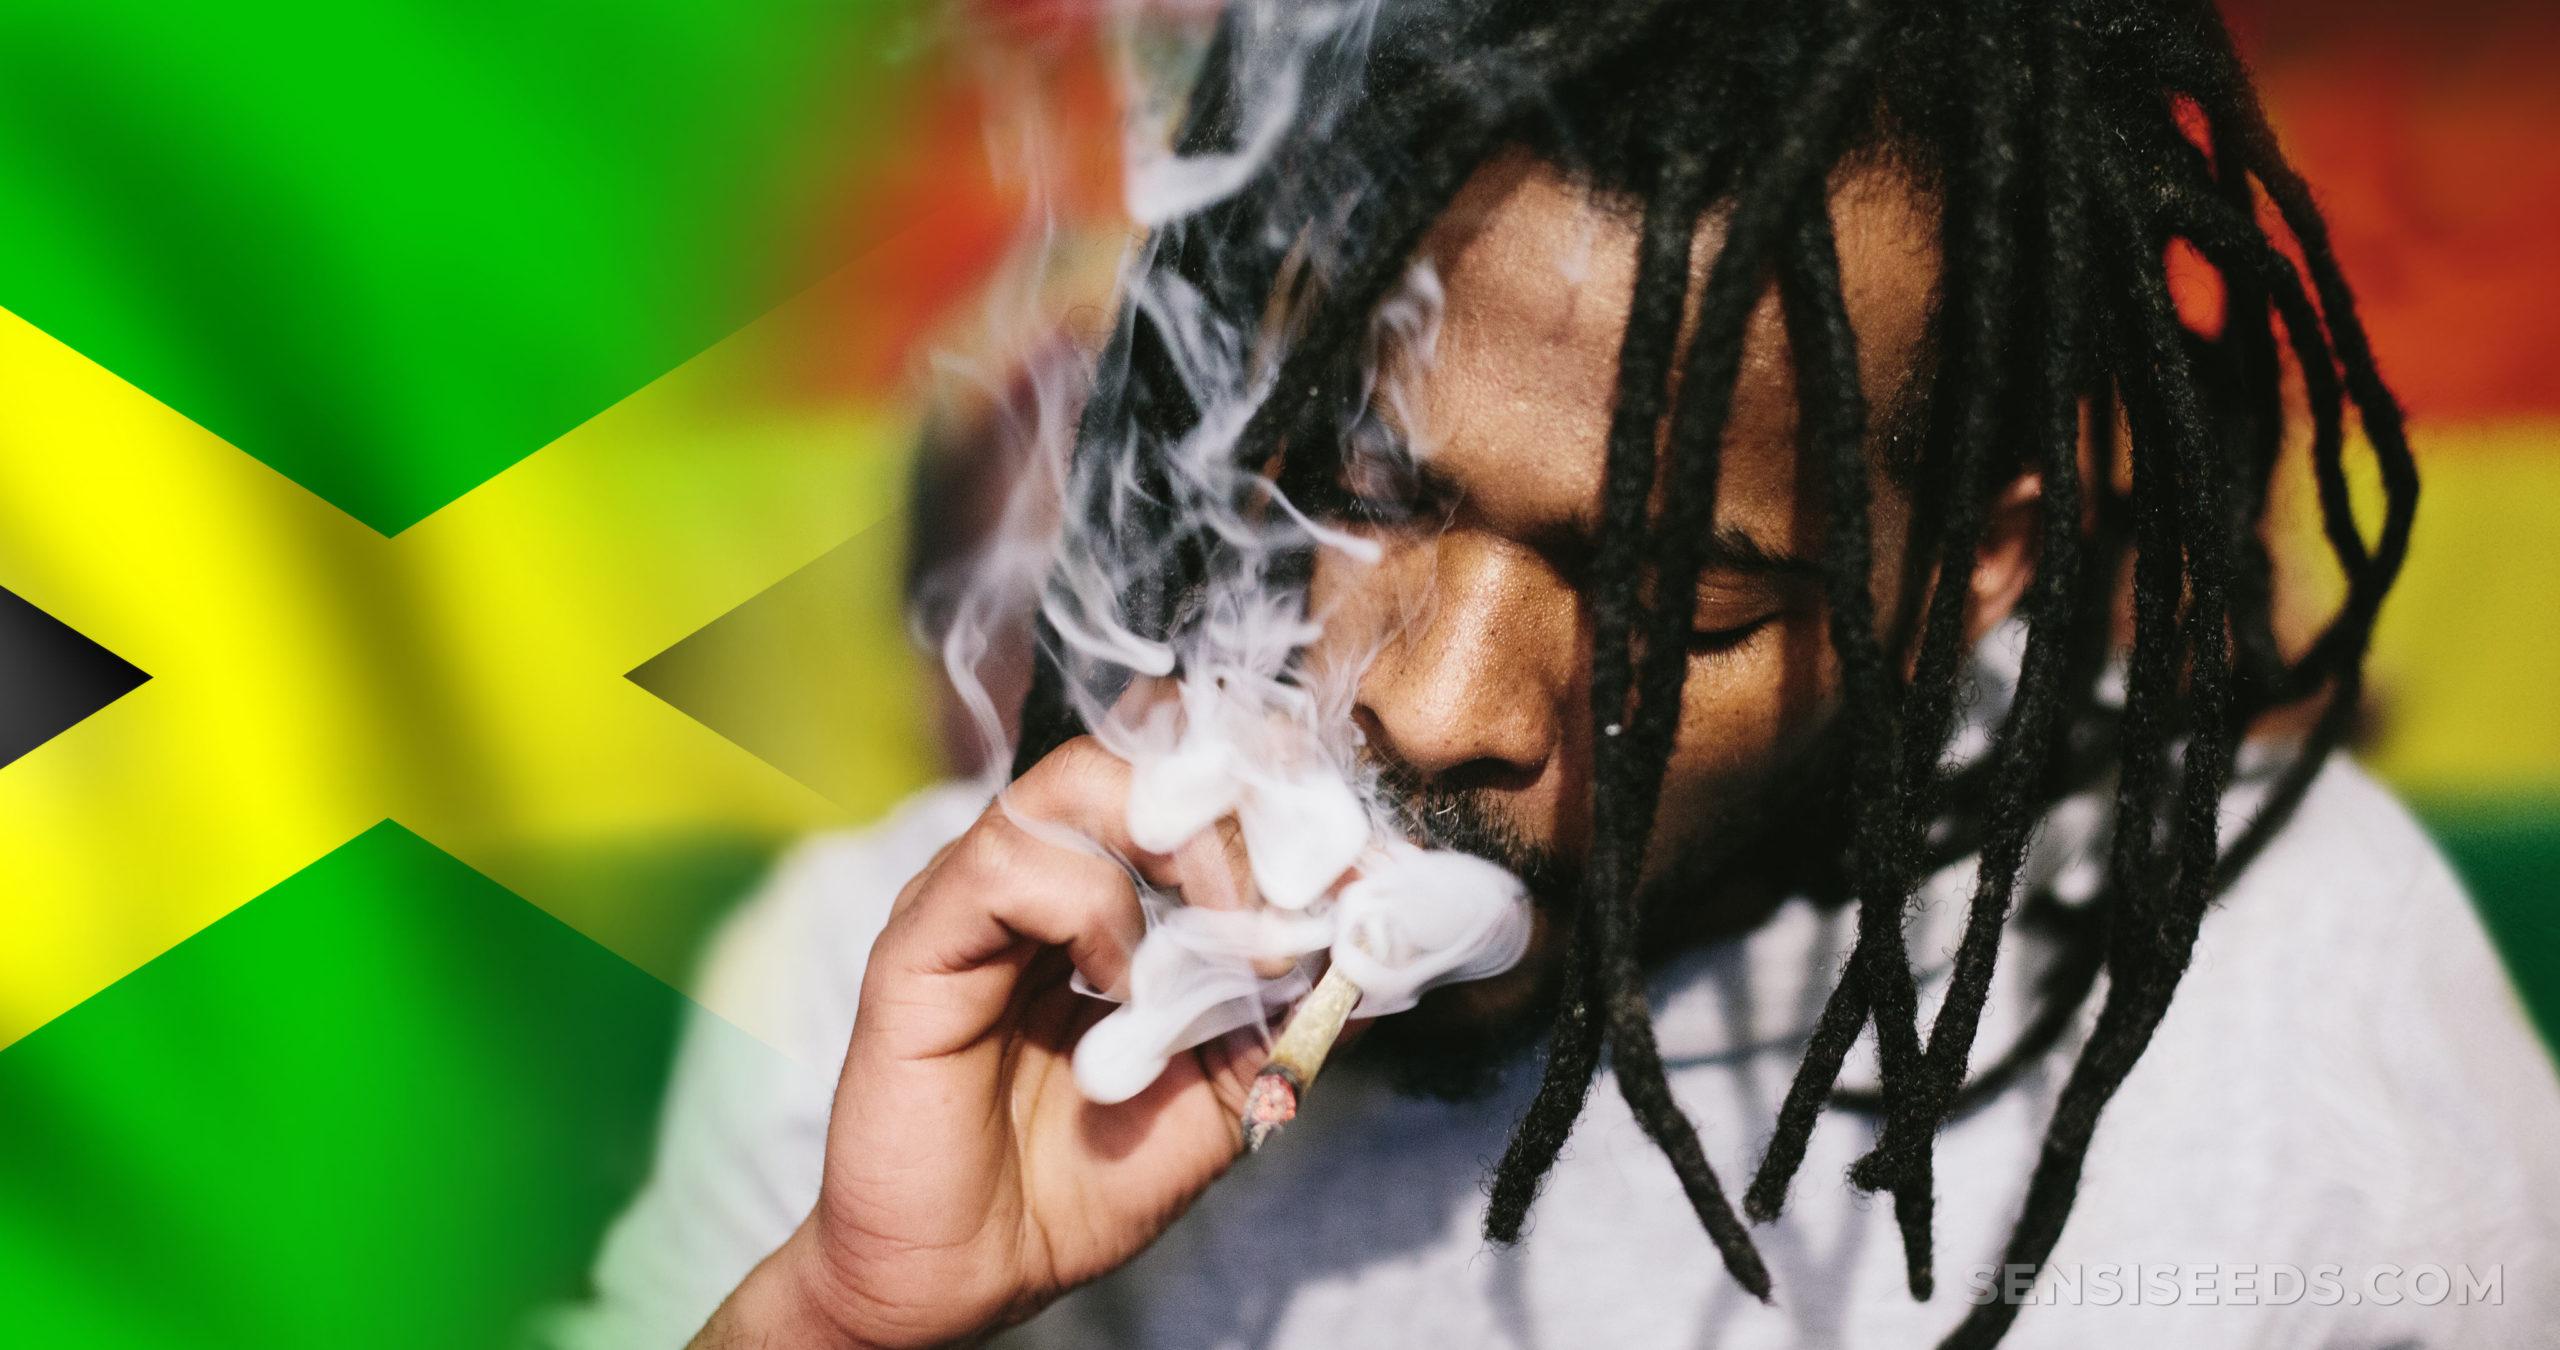 De Jamaicaanse vlag en een man met dreadlocks die een joint roken